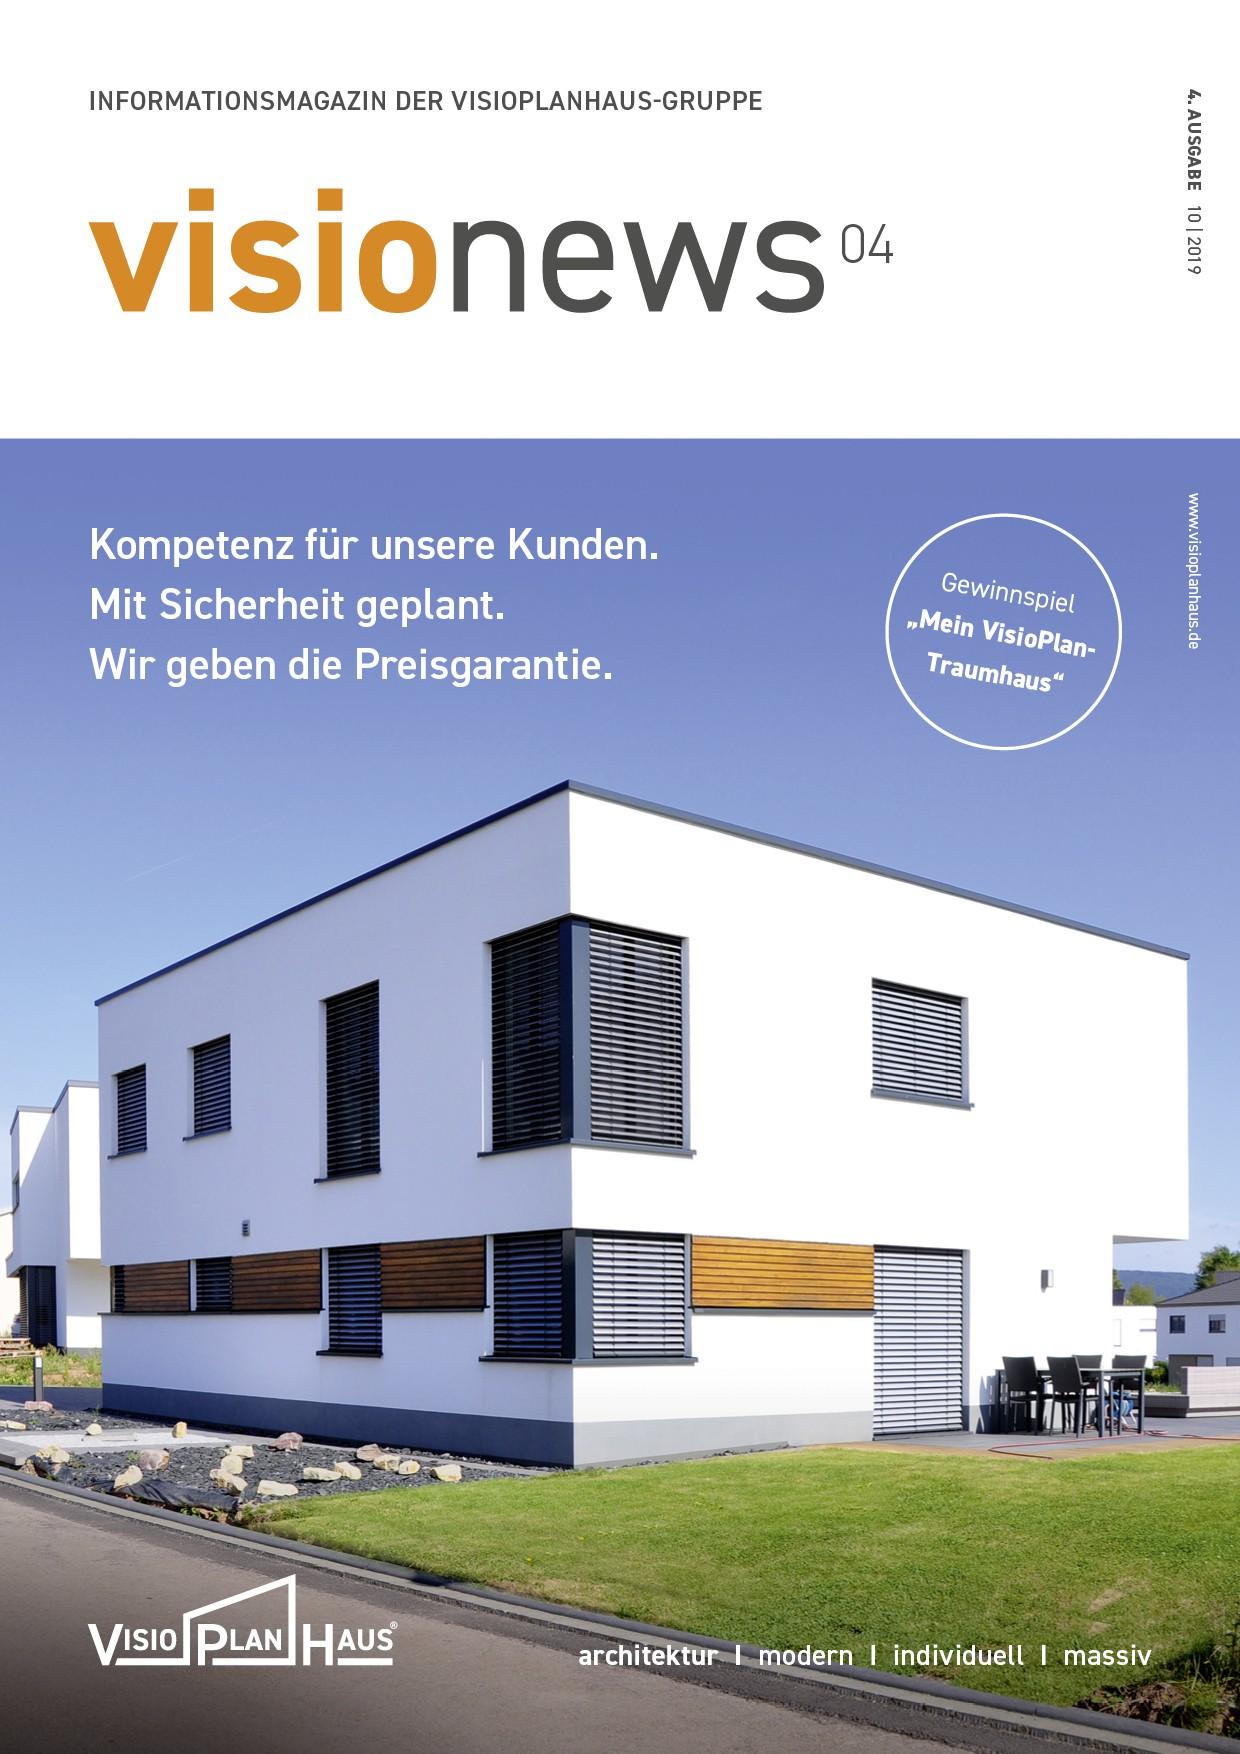 Cover visio news, Informationsmagazin des Visioplanhaus, 4. Ausgabe 2019